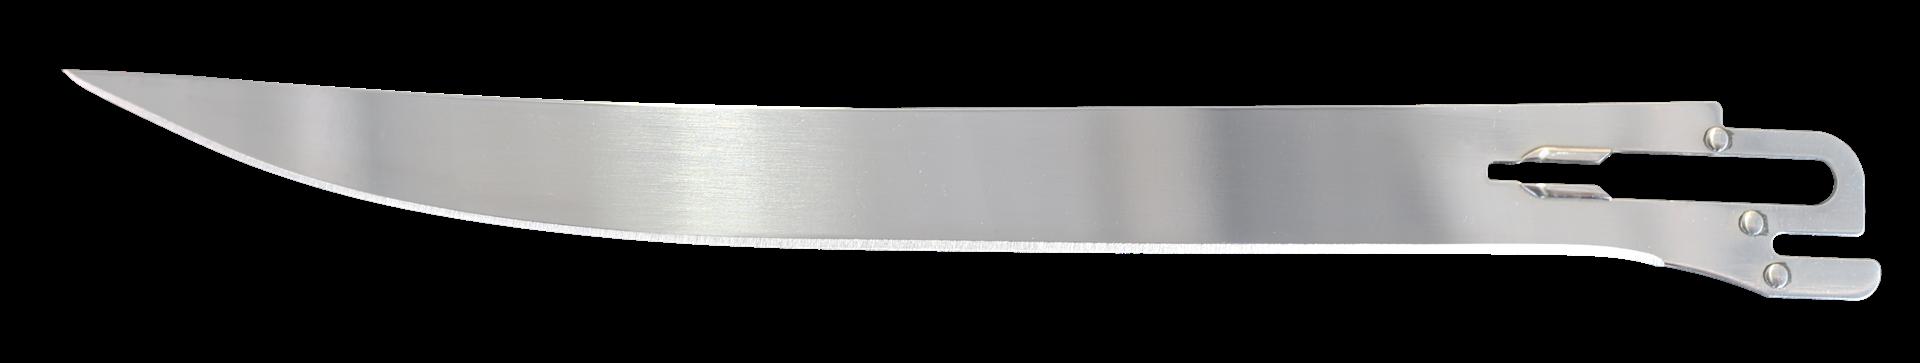 """HAVALON KNIVES Talon Fish 7/"""" Fillet Blade 3-Pack de chasse//pêche HSC7XT3 nouveau"""